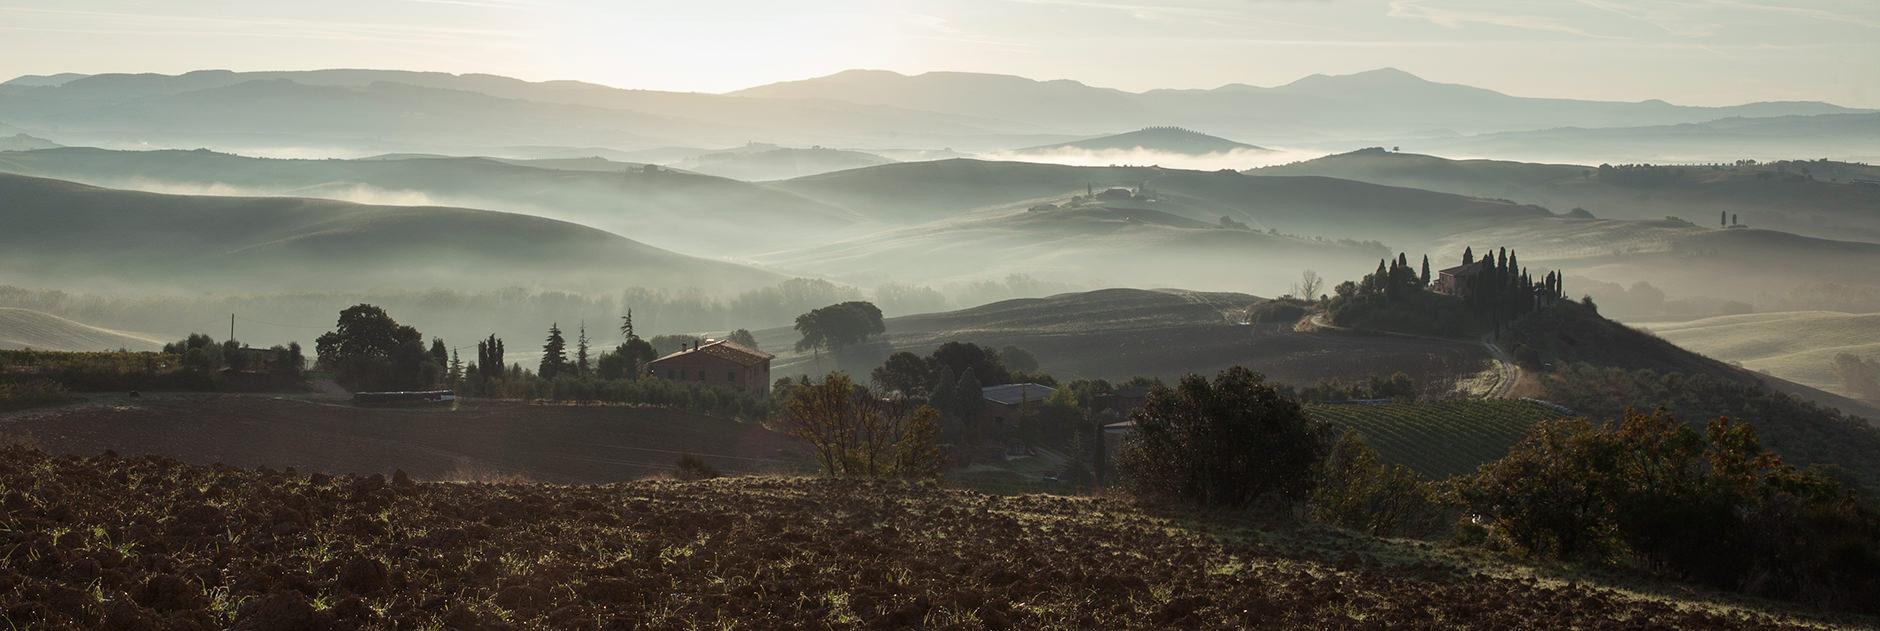 Michelle Grant | Landscapes